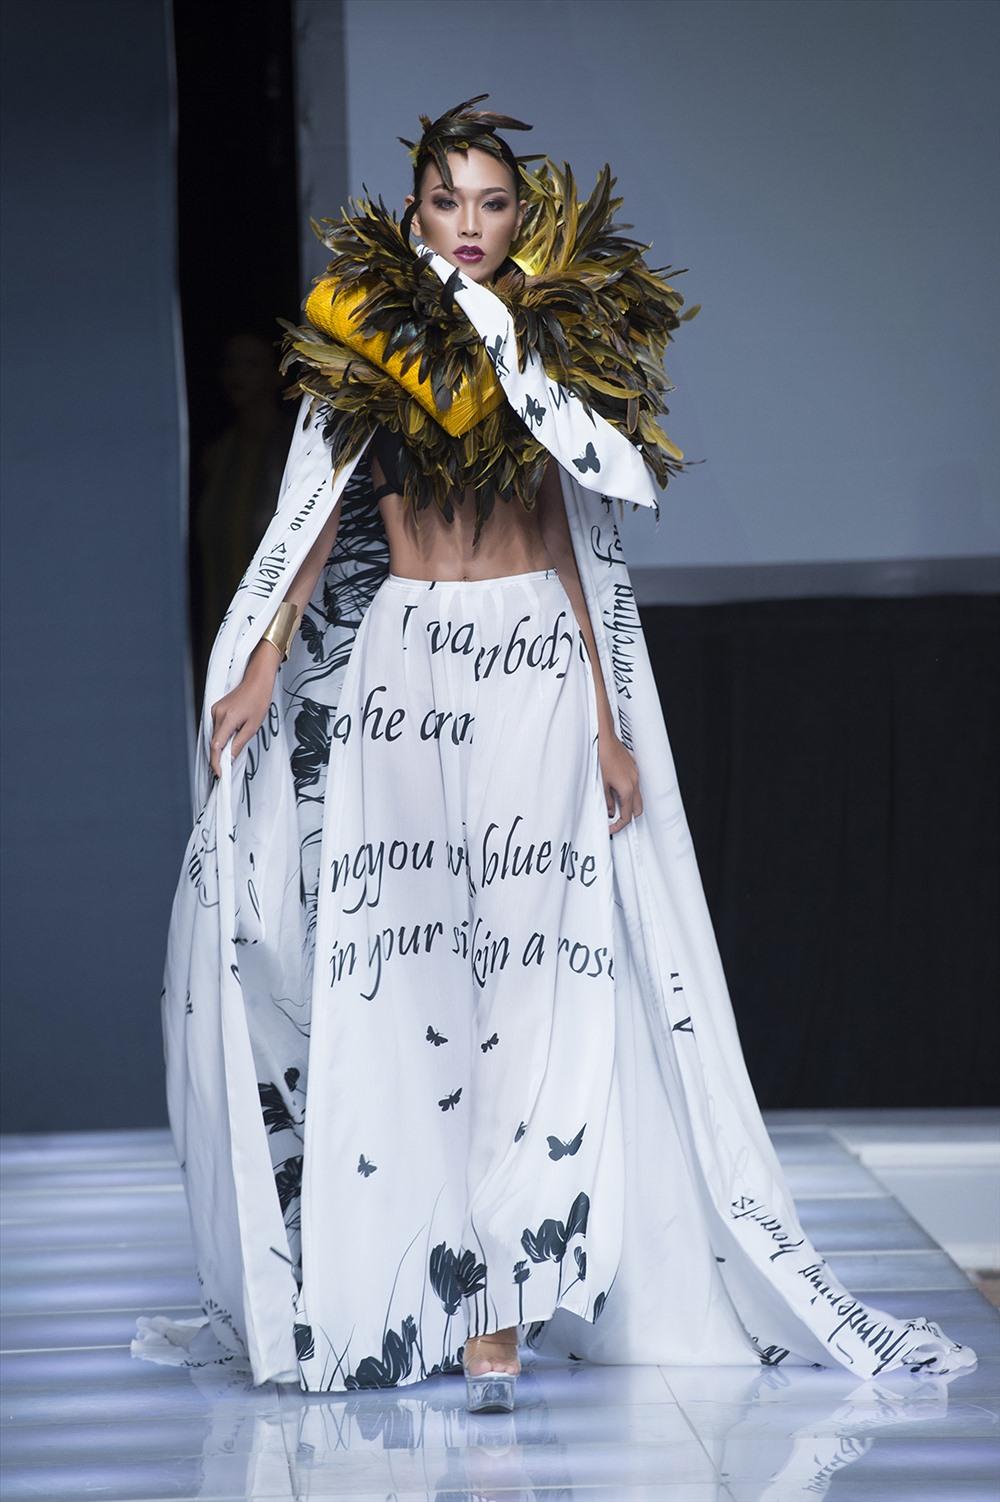 Siêu mẫu Diệu Huyền cảm thấy hạnh phúc khi được tham gia show diễn của NTK Andres Aquino.